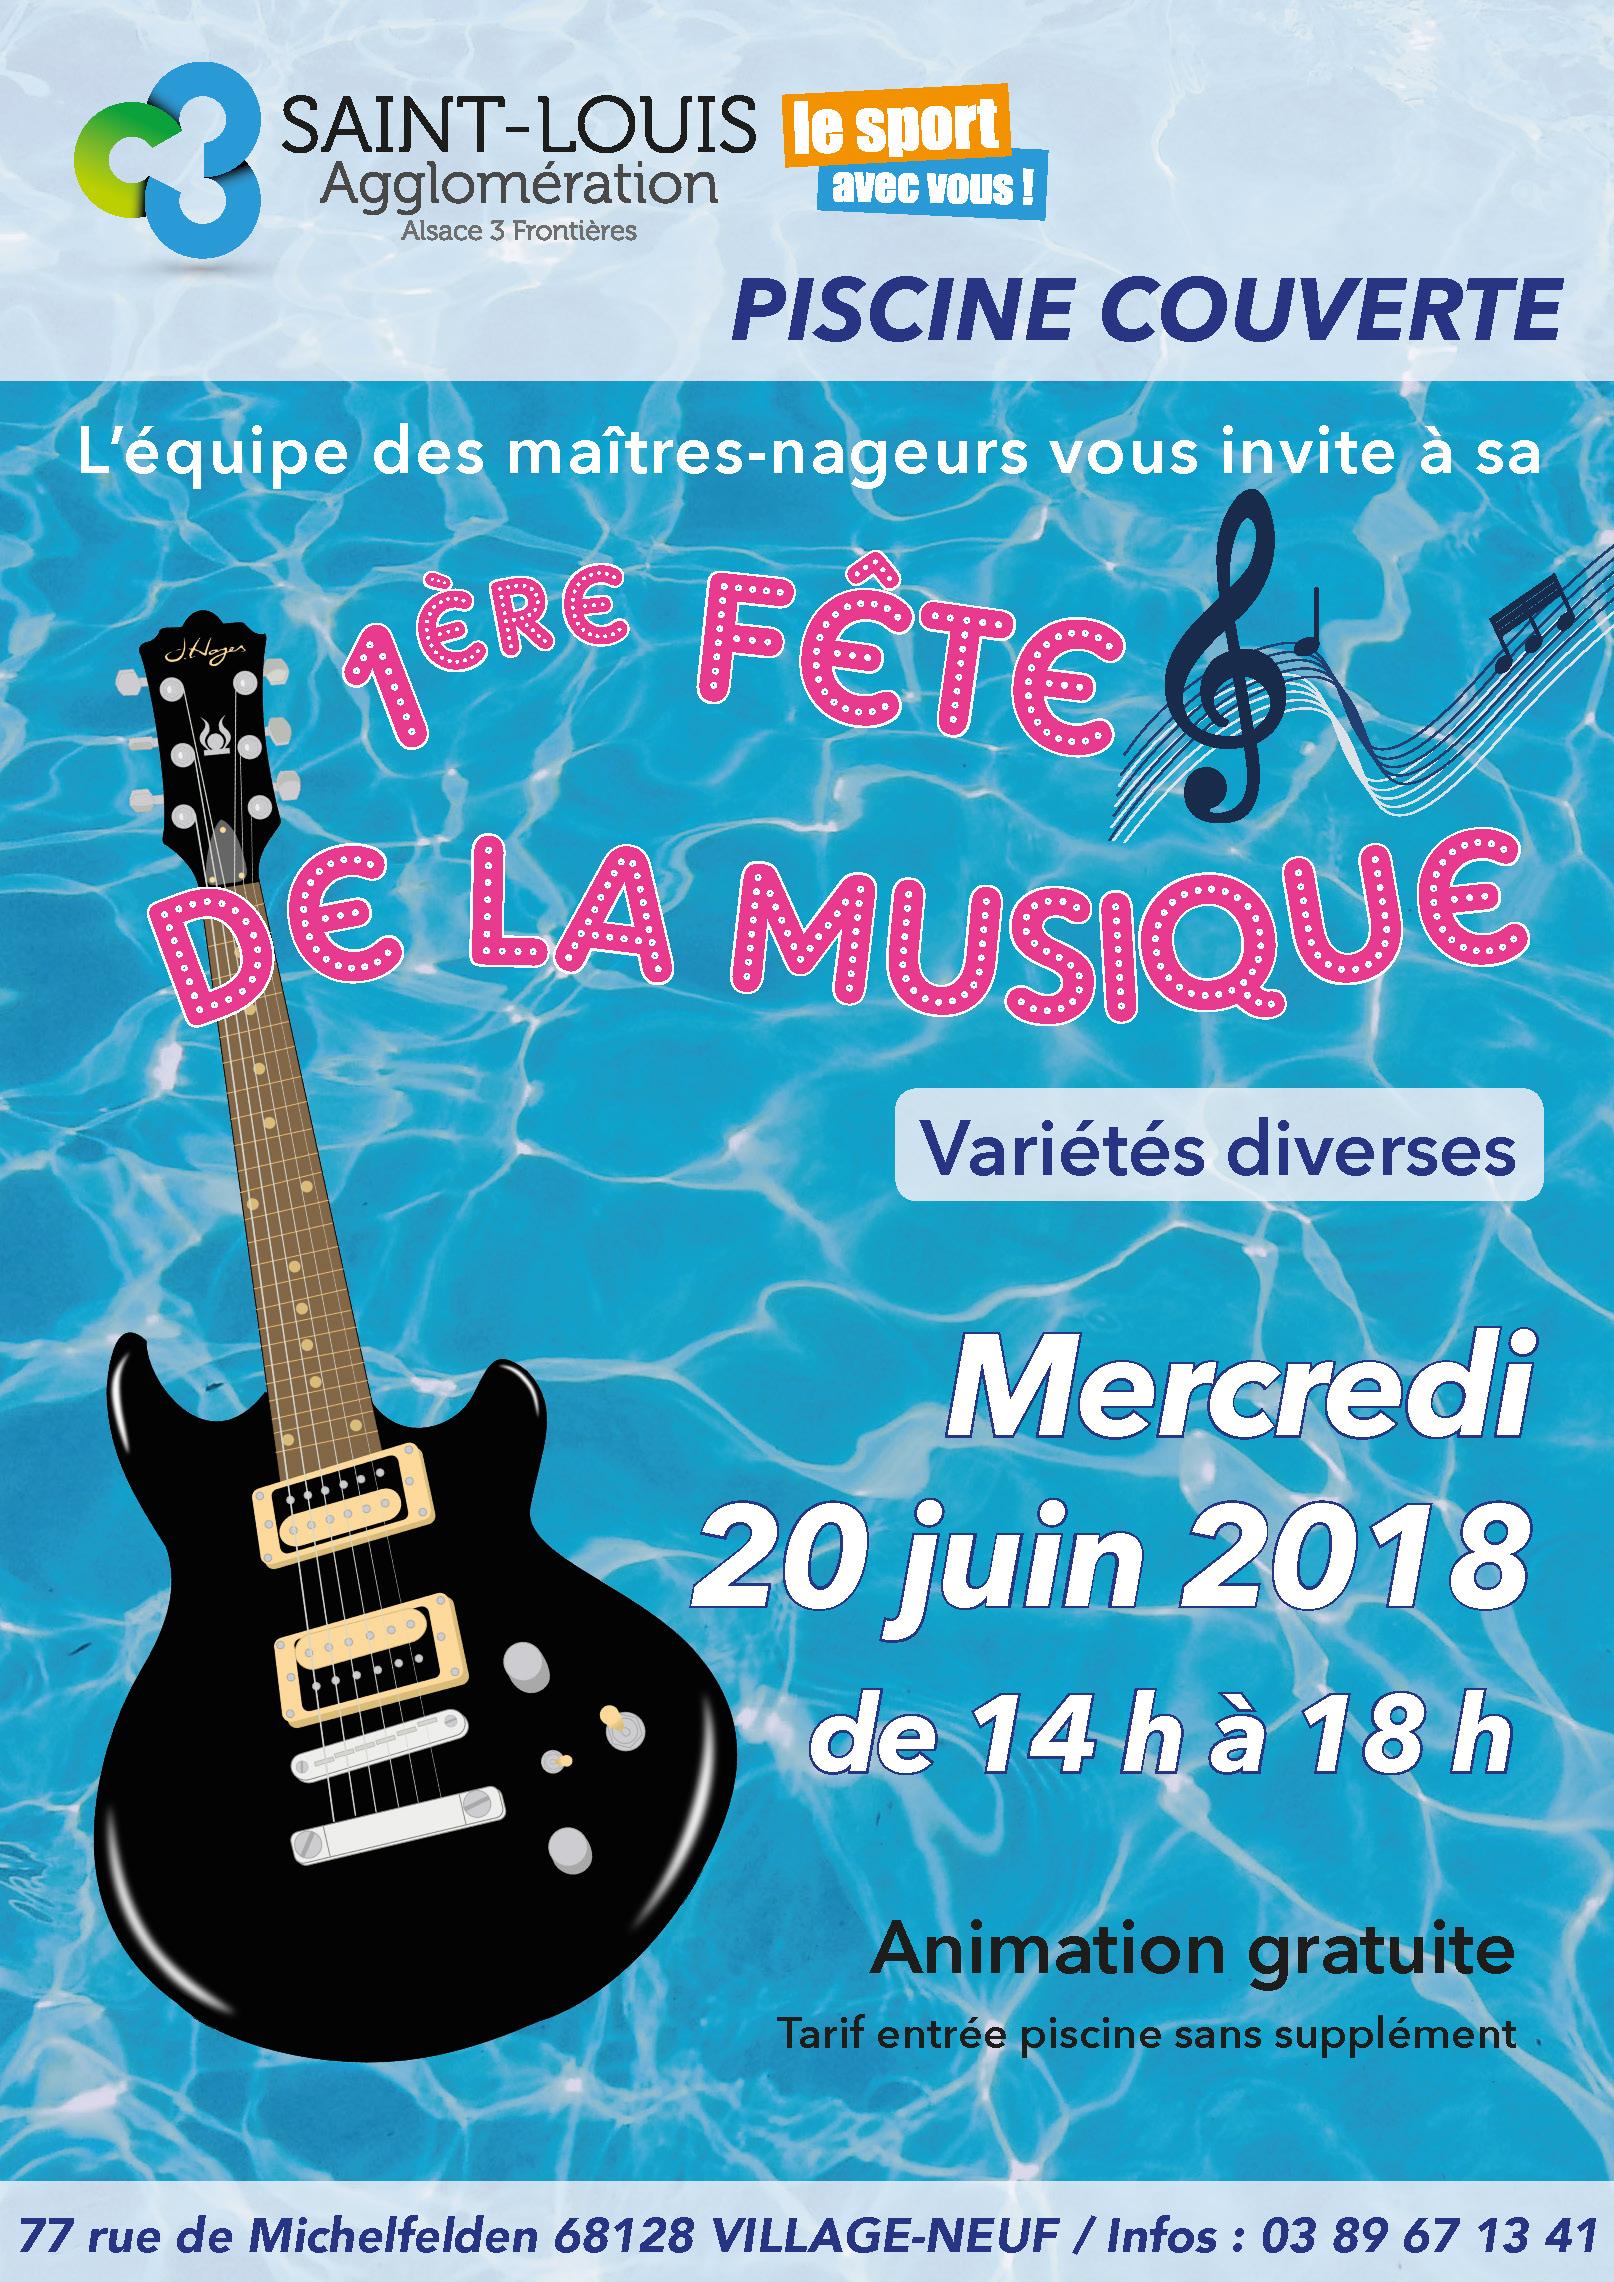 Fête De La Musique À La Piscine Couverte - Saint-Louis ... pour Musique Piscine